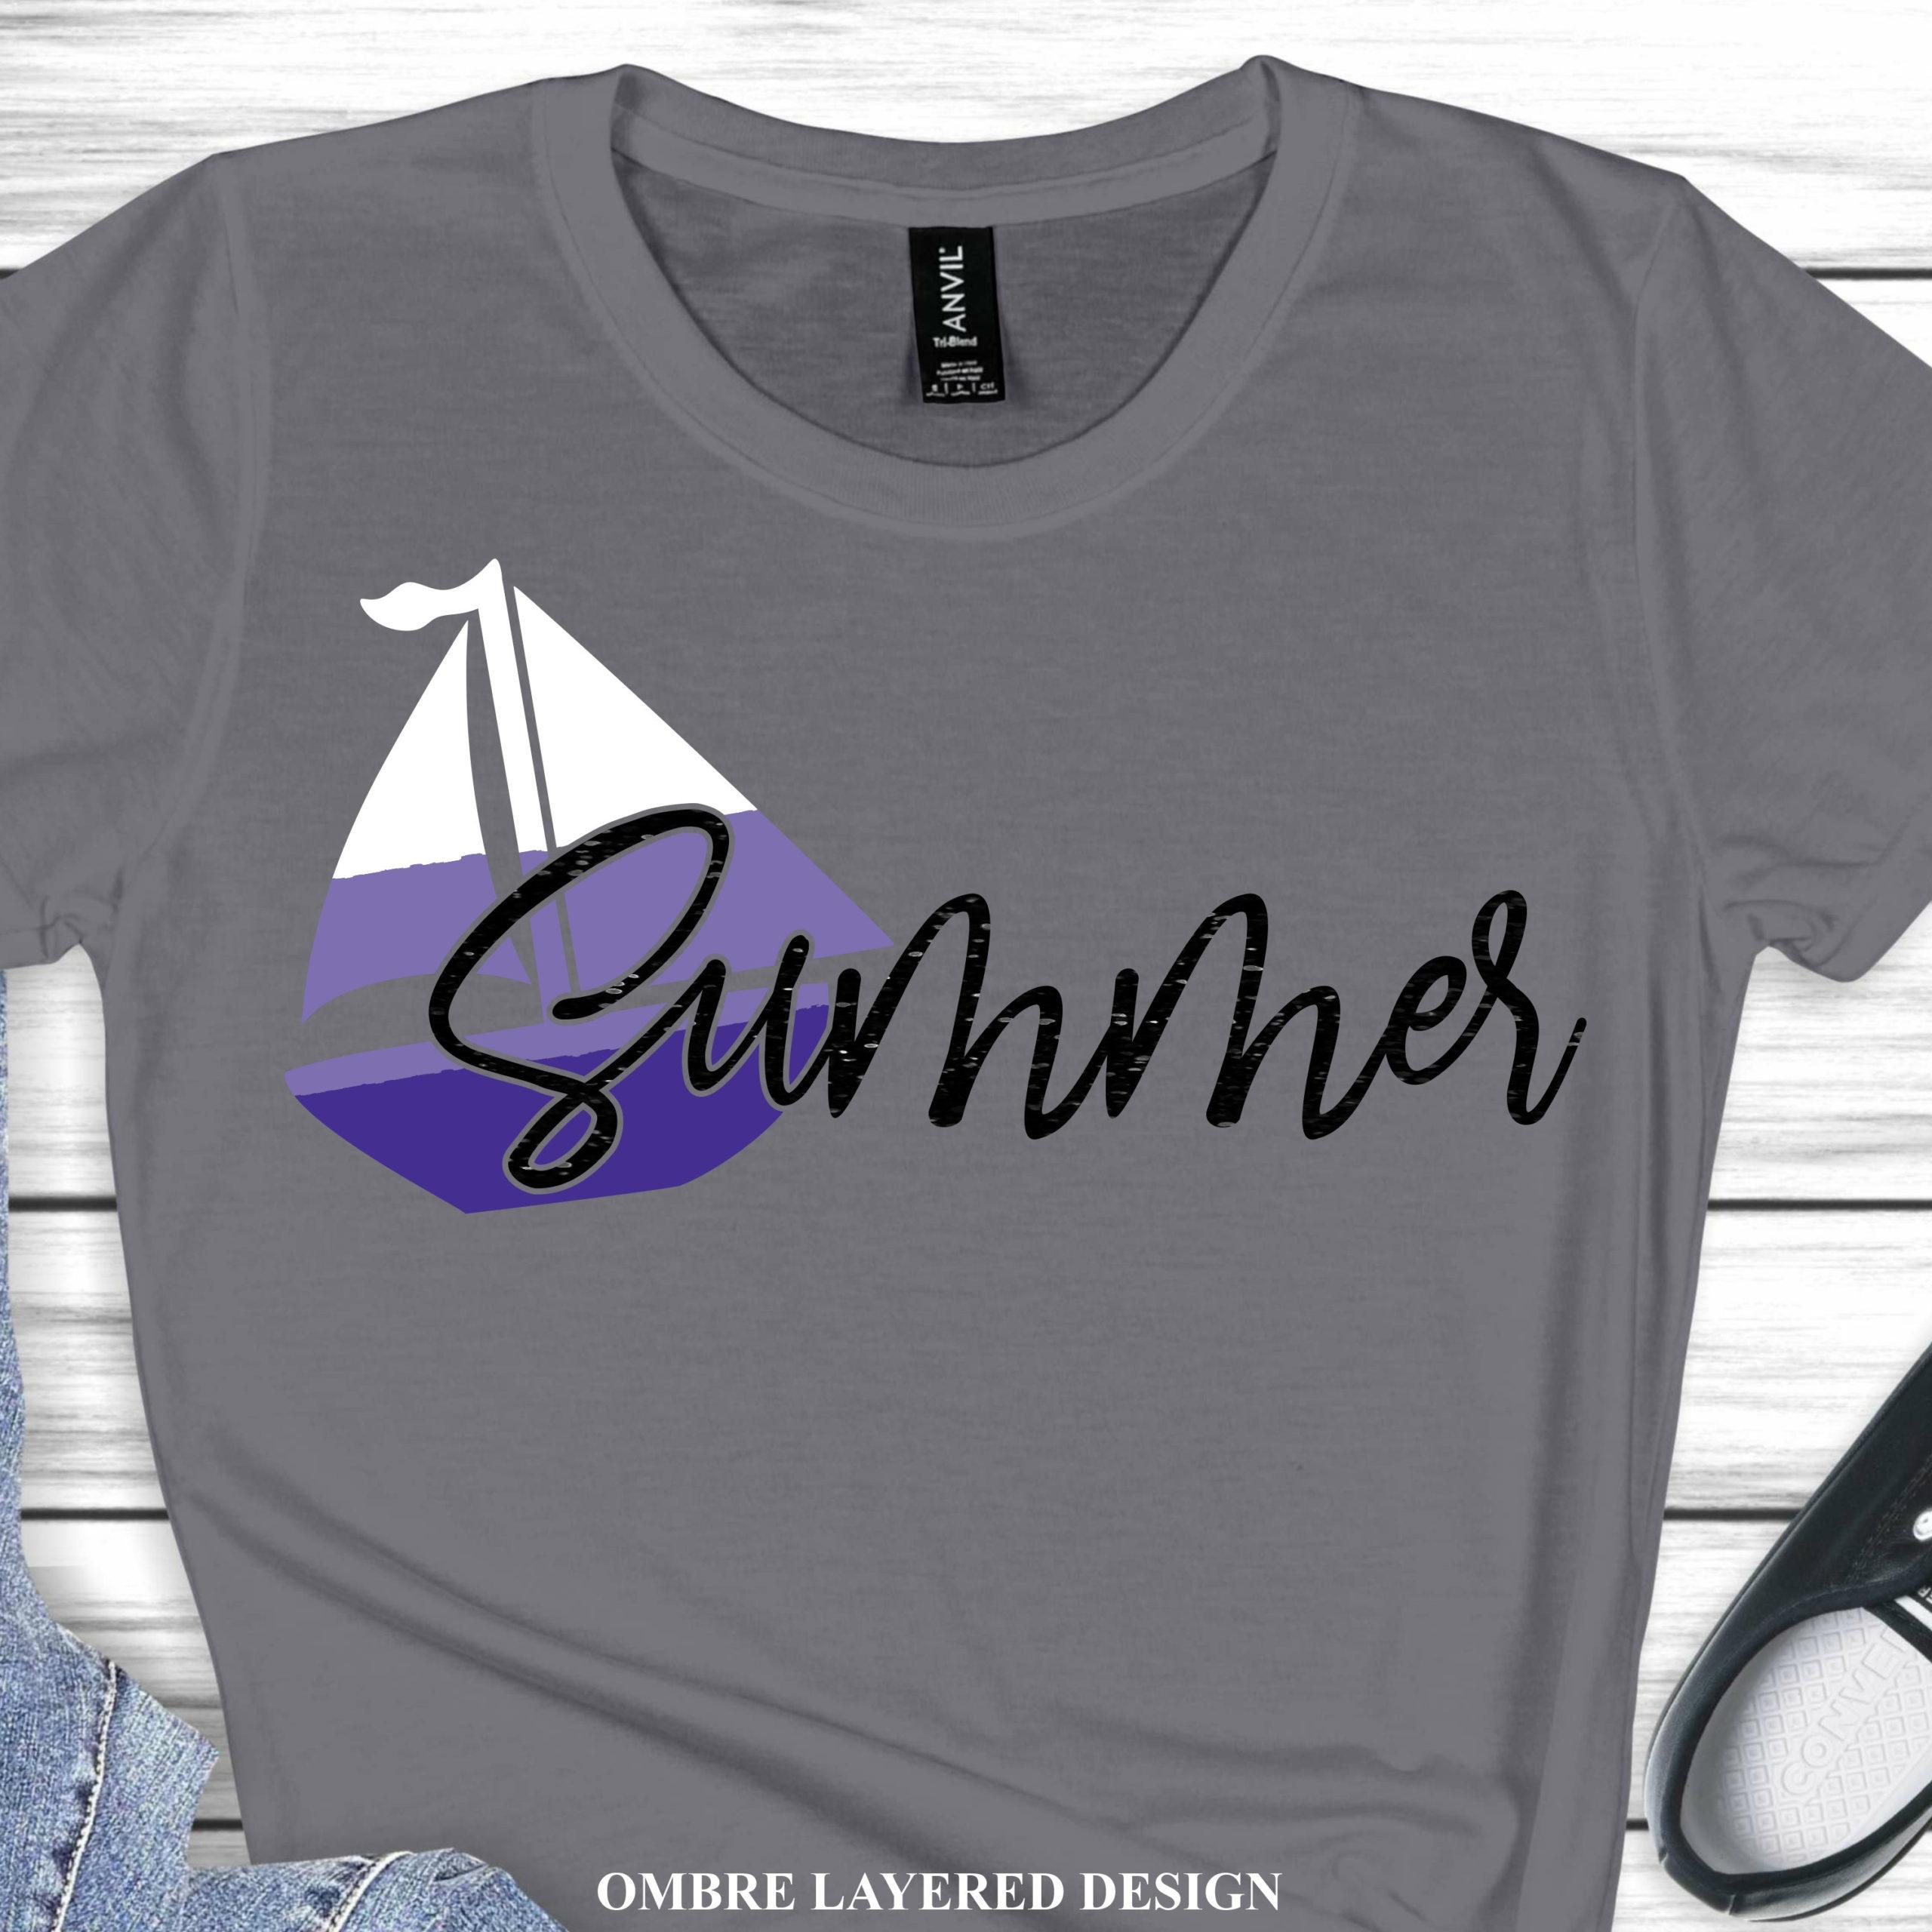 Ombre-sail-boat-svgbeach-svg-sail-boat-svg-summer-svg-summertime-svgbeach-life-svg-beachy-svg-for-cricut-retro-beach-svg-5ef78cc5